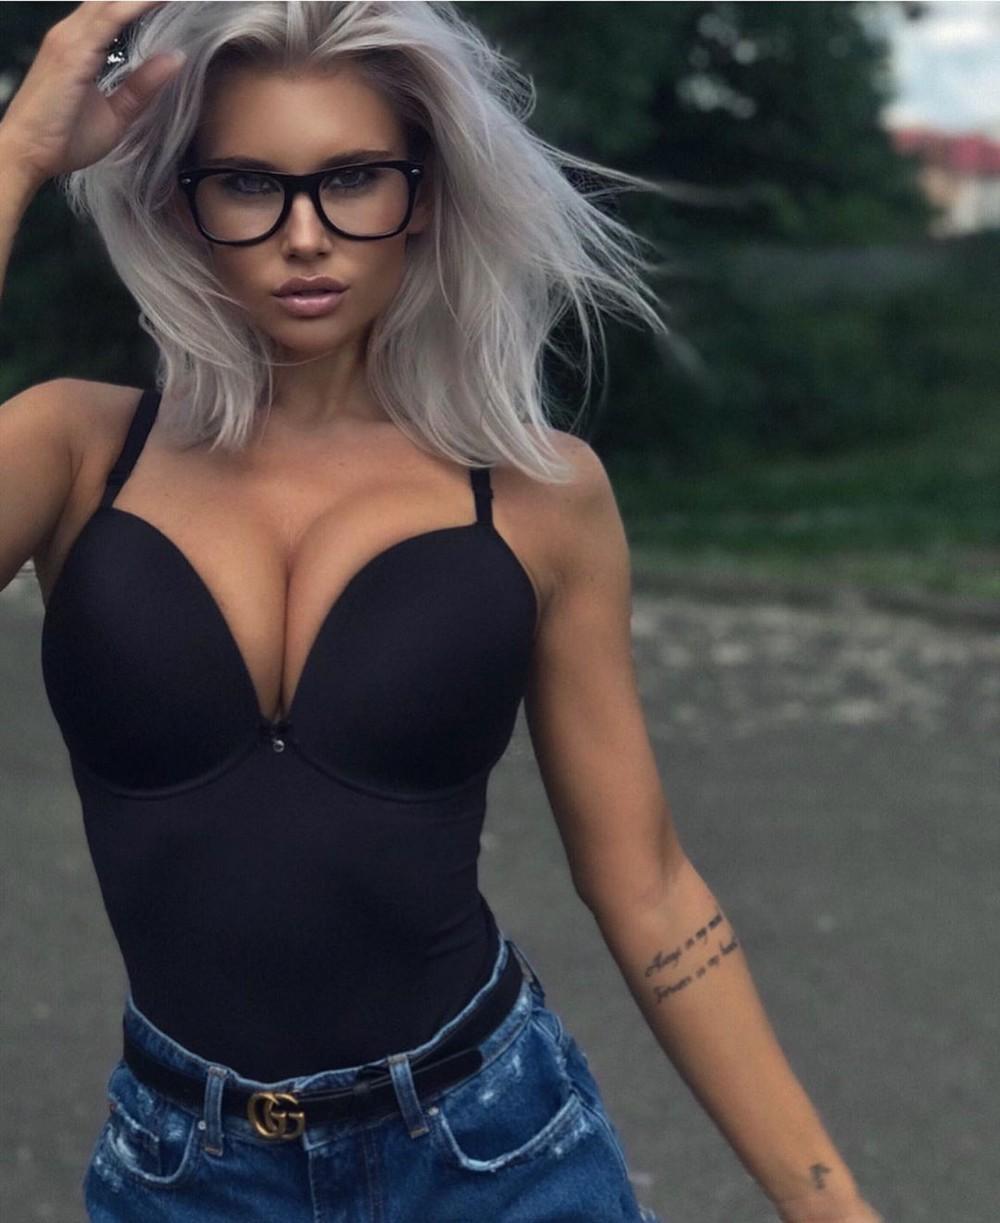 Красивые девушки в обтягивающих джинсах и шортиках